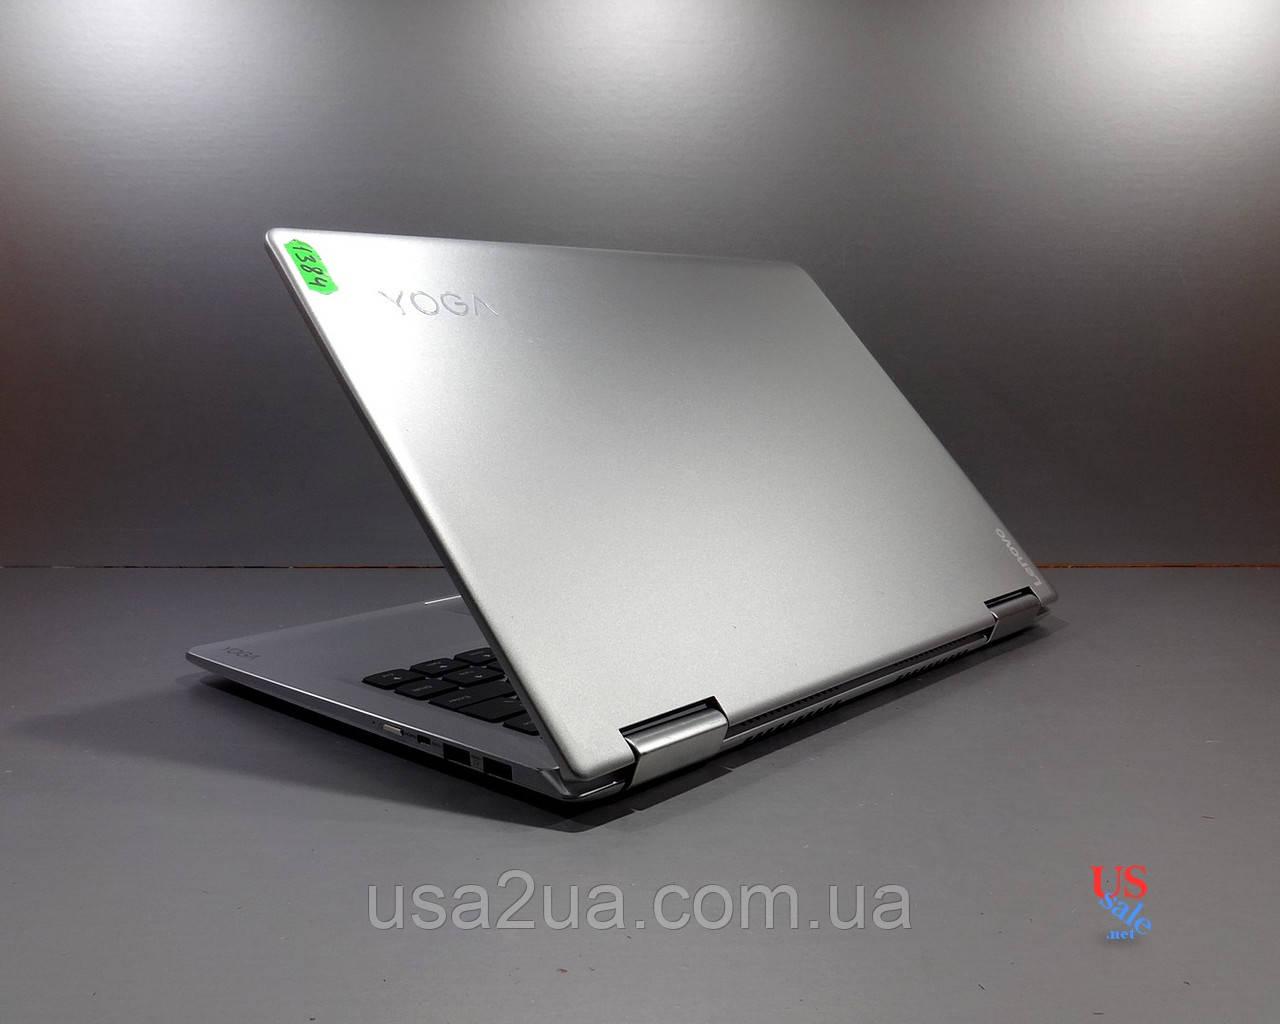 """Ультрабук Ноутбук Lenovo Yoga 710-14IKB i5 7gen 8GB ddr4 SSD 256GB WEb ips 14"""" тач камера гарантія кредит"""